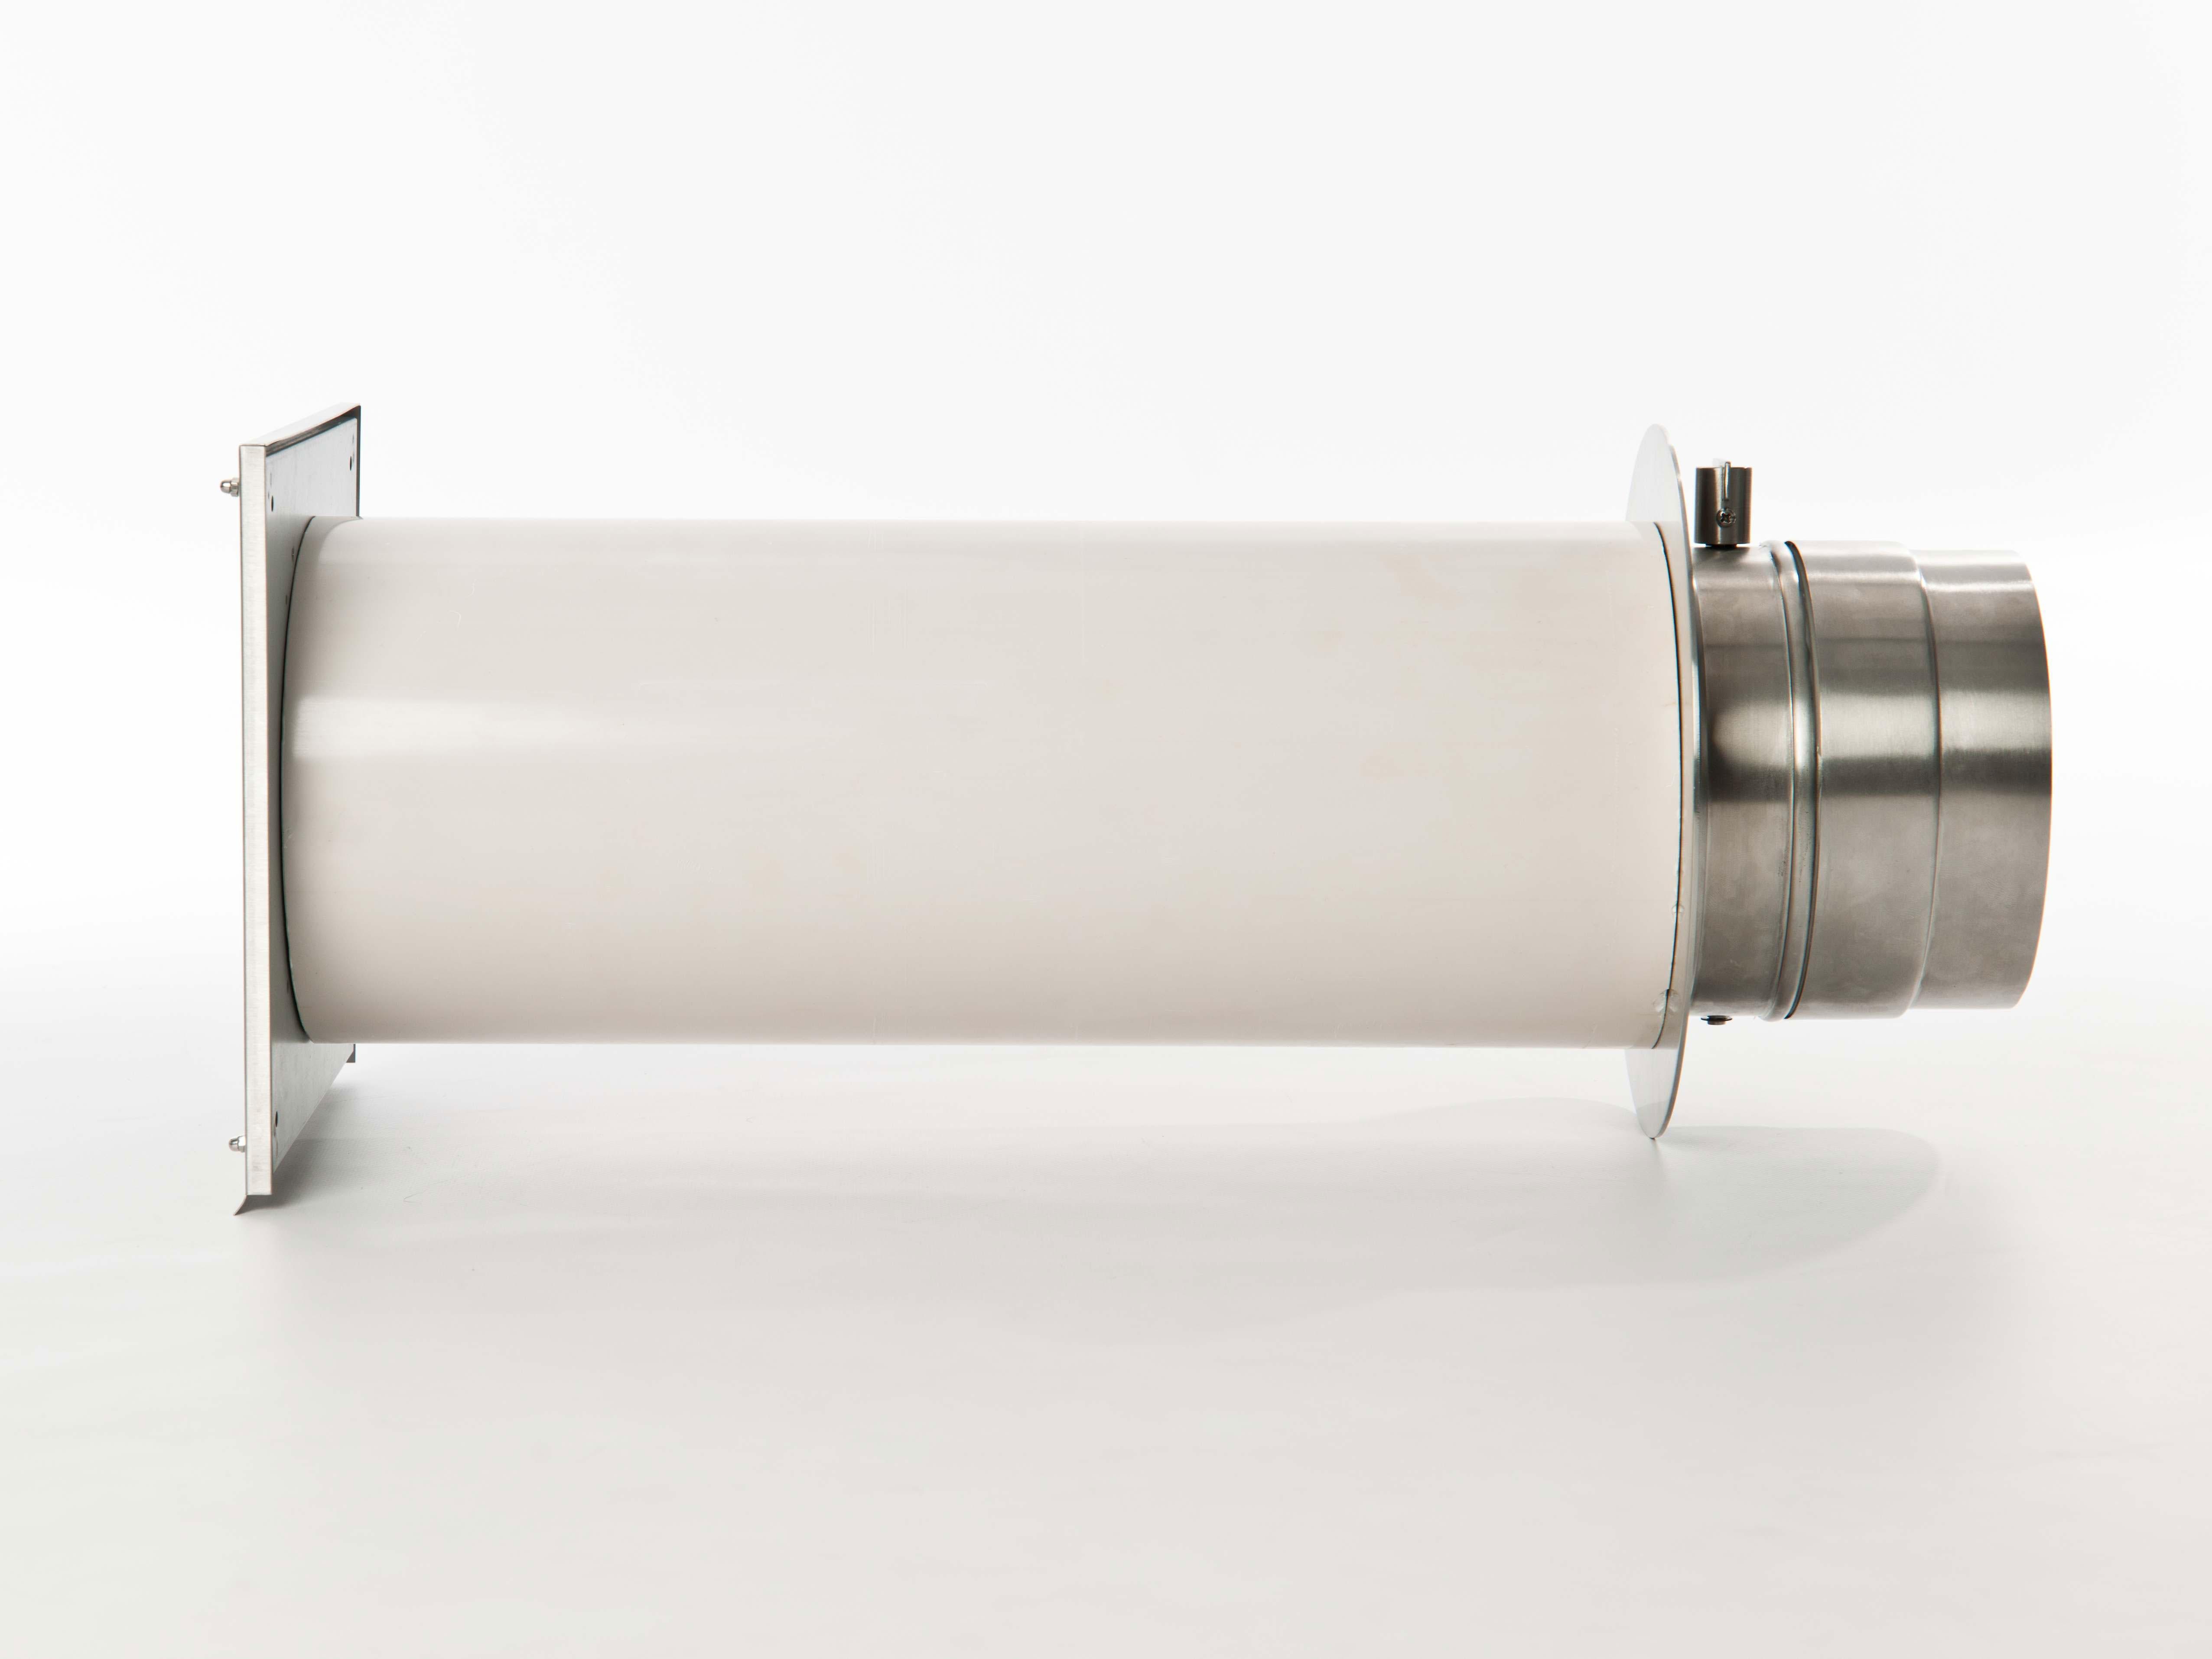 externer Luftanschluss Mauerdurchführung Einzelklappe 125mm Stutzen Bild 2